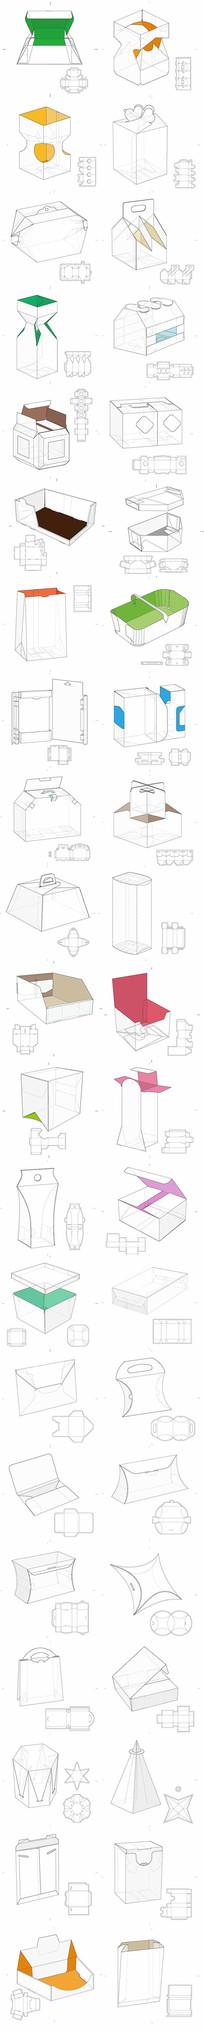 产品包装盒展开图包装设计